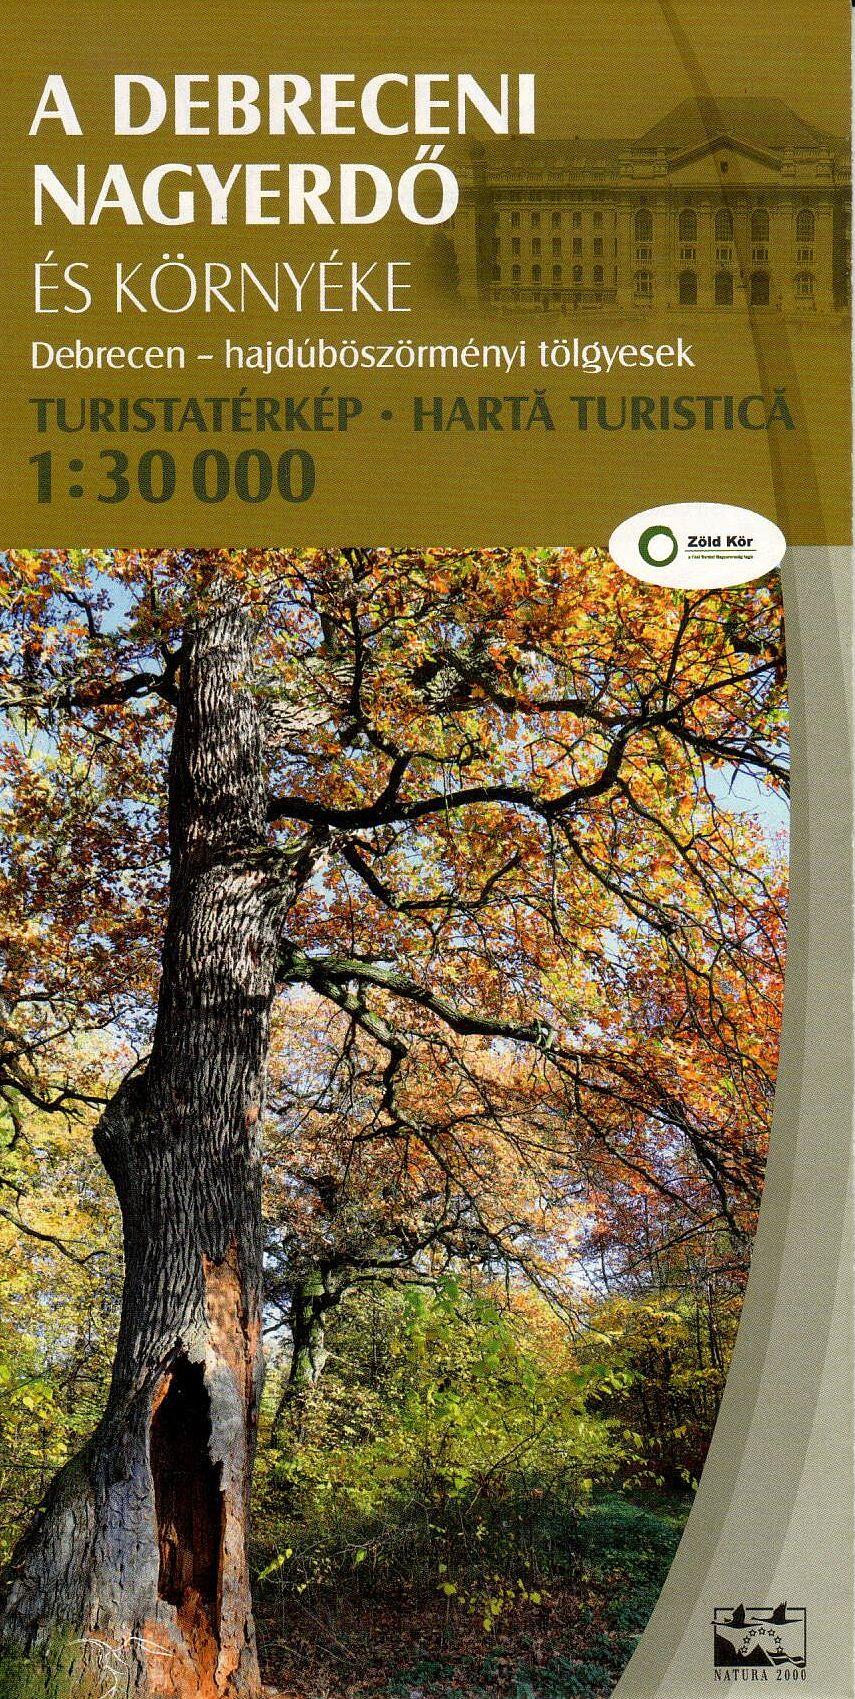 A Debreceni Nagyerdő és környéke - turista információs térkép